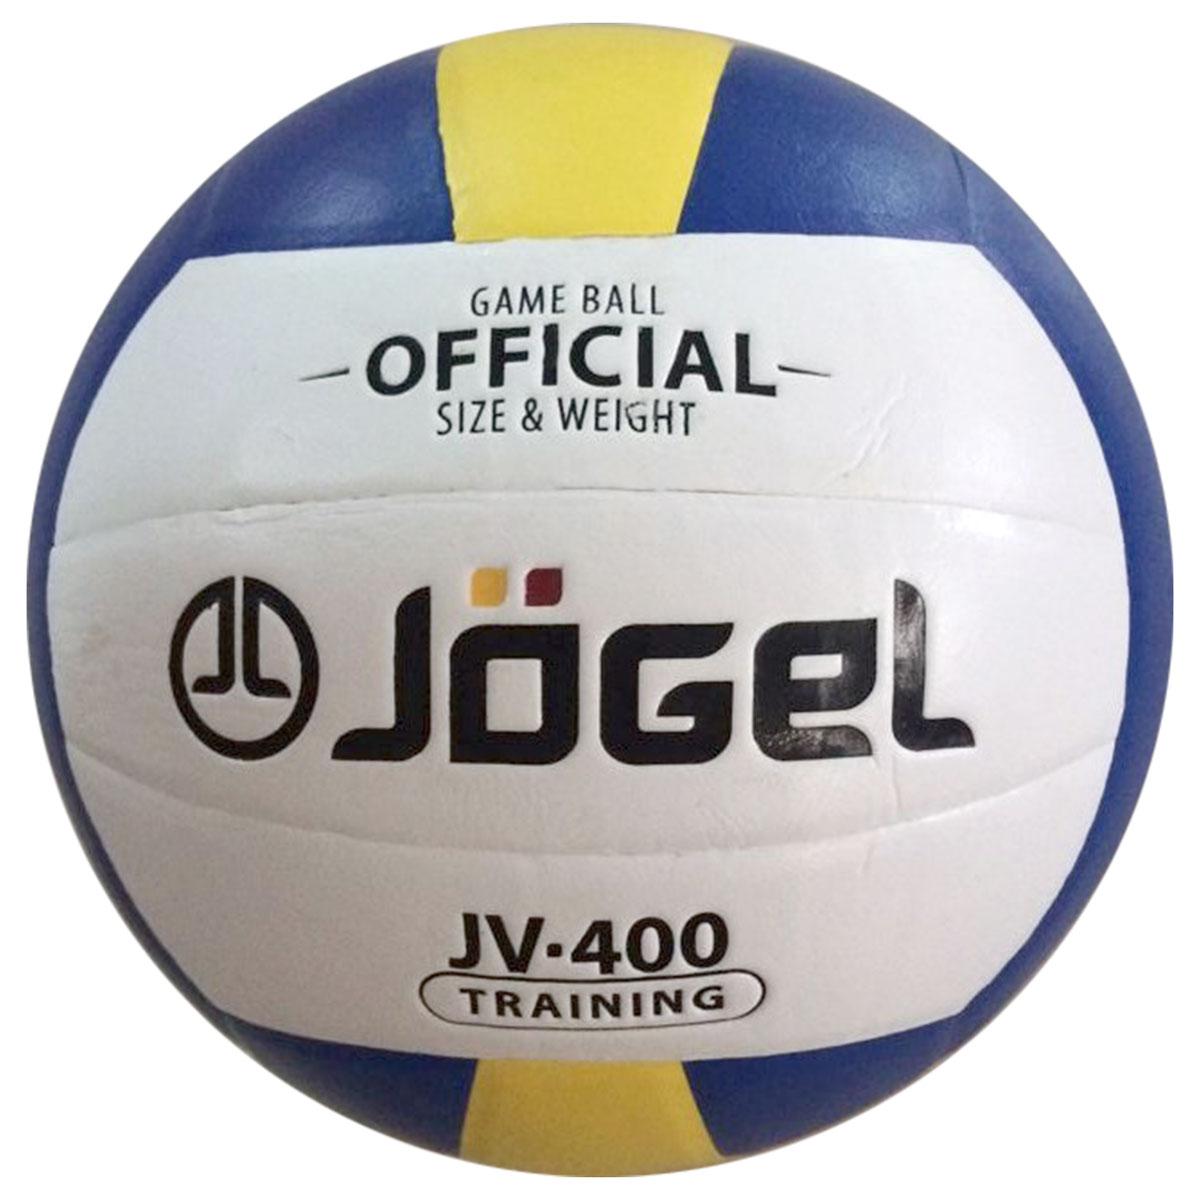 Мяч волейбольный Jogel, цвет: синий, желтый. Размер 5. JV-400120335_navy/whiteКлееный волейбольный мяч Jogel отлично подойдет для тренировок как в зале, так и на улице. Покрышка мяча выполнена из технологичного композитного материала на основе поливинилхлорида и специального слоя на основе EVA.Мяч мягкий и приятный на ощупь. Он состоит из 18 склеенных между собой панелей и камеры из бутила, также армирован подкладочным слоемиз ткани. Вес: 260-280 гр. Длина окружности: 65-67 см. Рекомендованное давление: 0.29-0.32 бар.УВАЖАЕМЫЕ КЛИЕНТЫ! Обращаем ваше внимание на тот факт, что мяч поставляется в сдутом виде. Насос в комплект не входит.